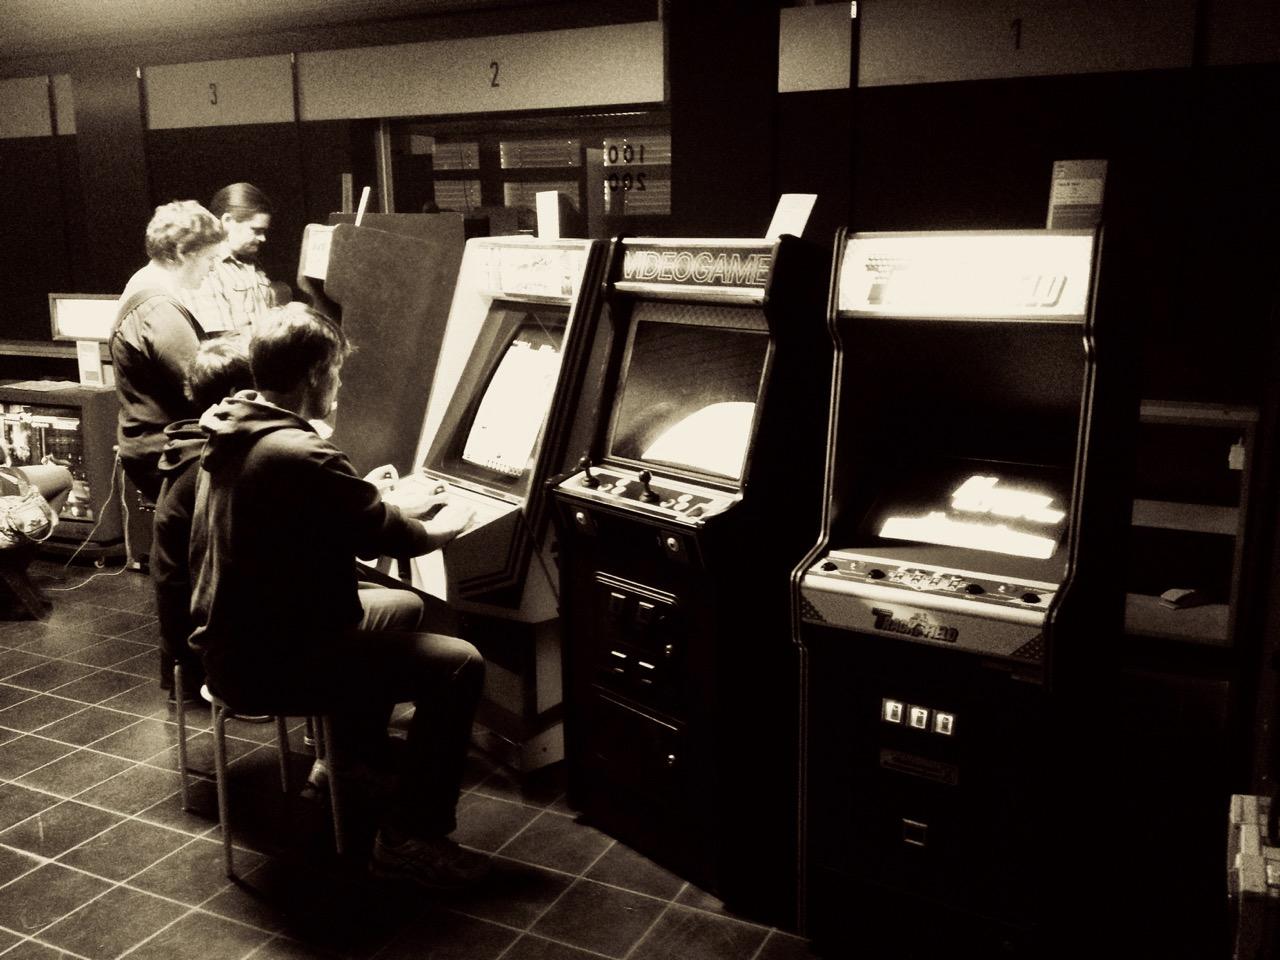 Die Arcade im Oldenburger Computer Museum versprüht den Charme einer Spielhalle der 1980er Jahre. (Bild: André Eymann)